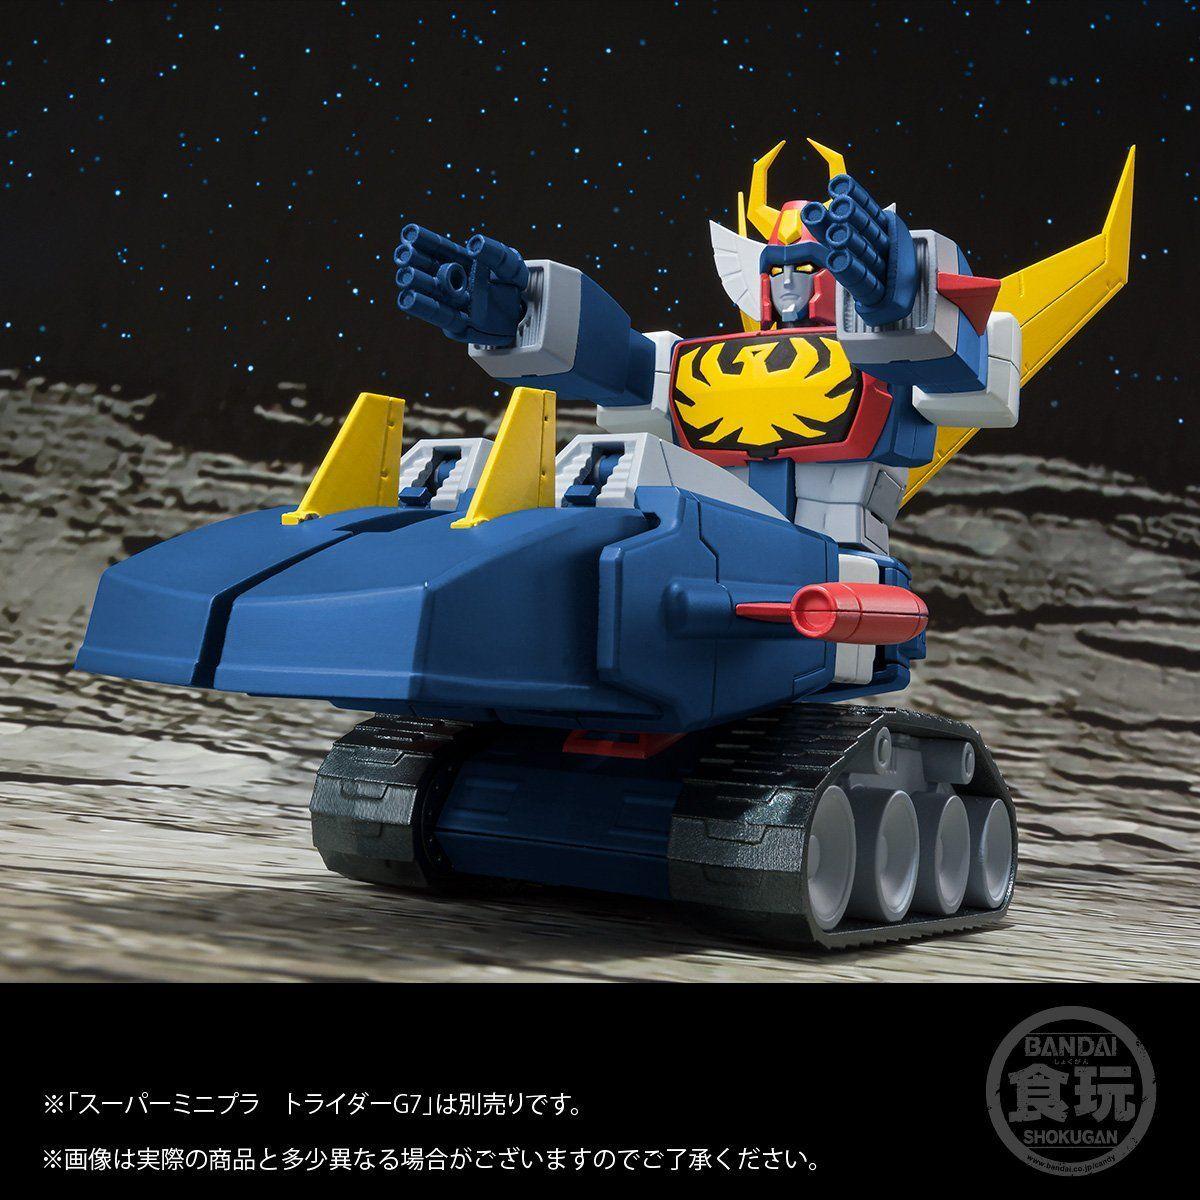 【食玩】スーパーミニプラ『無敵ロボ トライダーG7』3個入りBOX-017